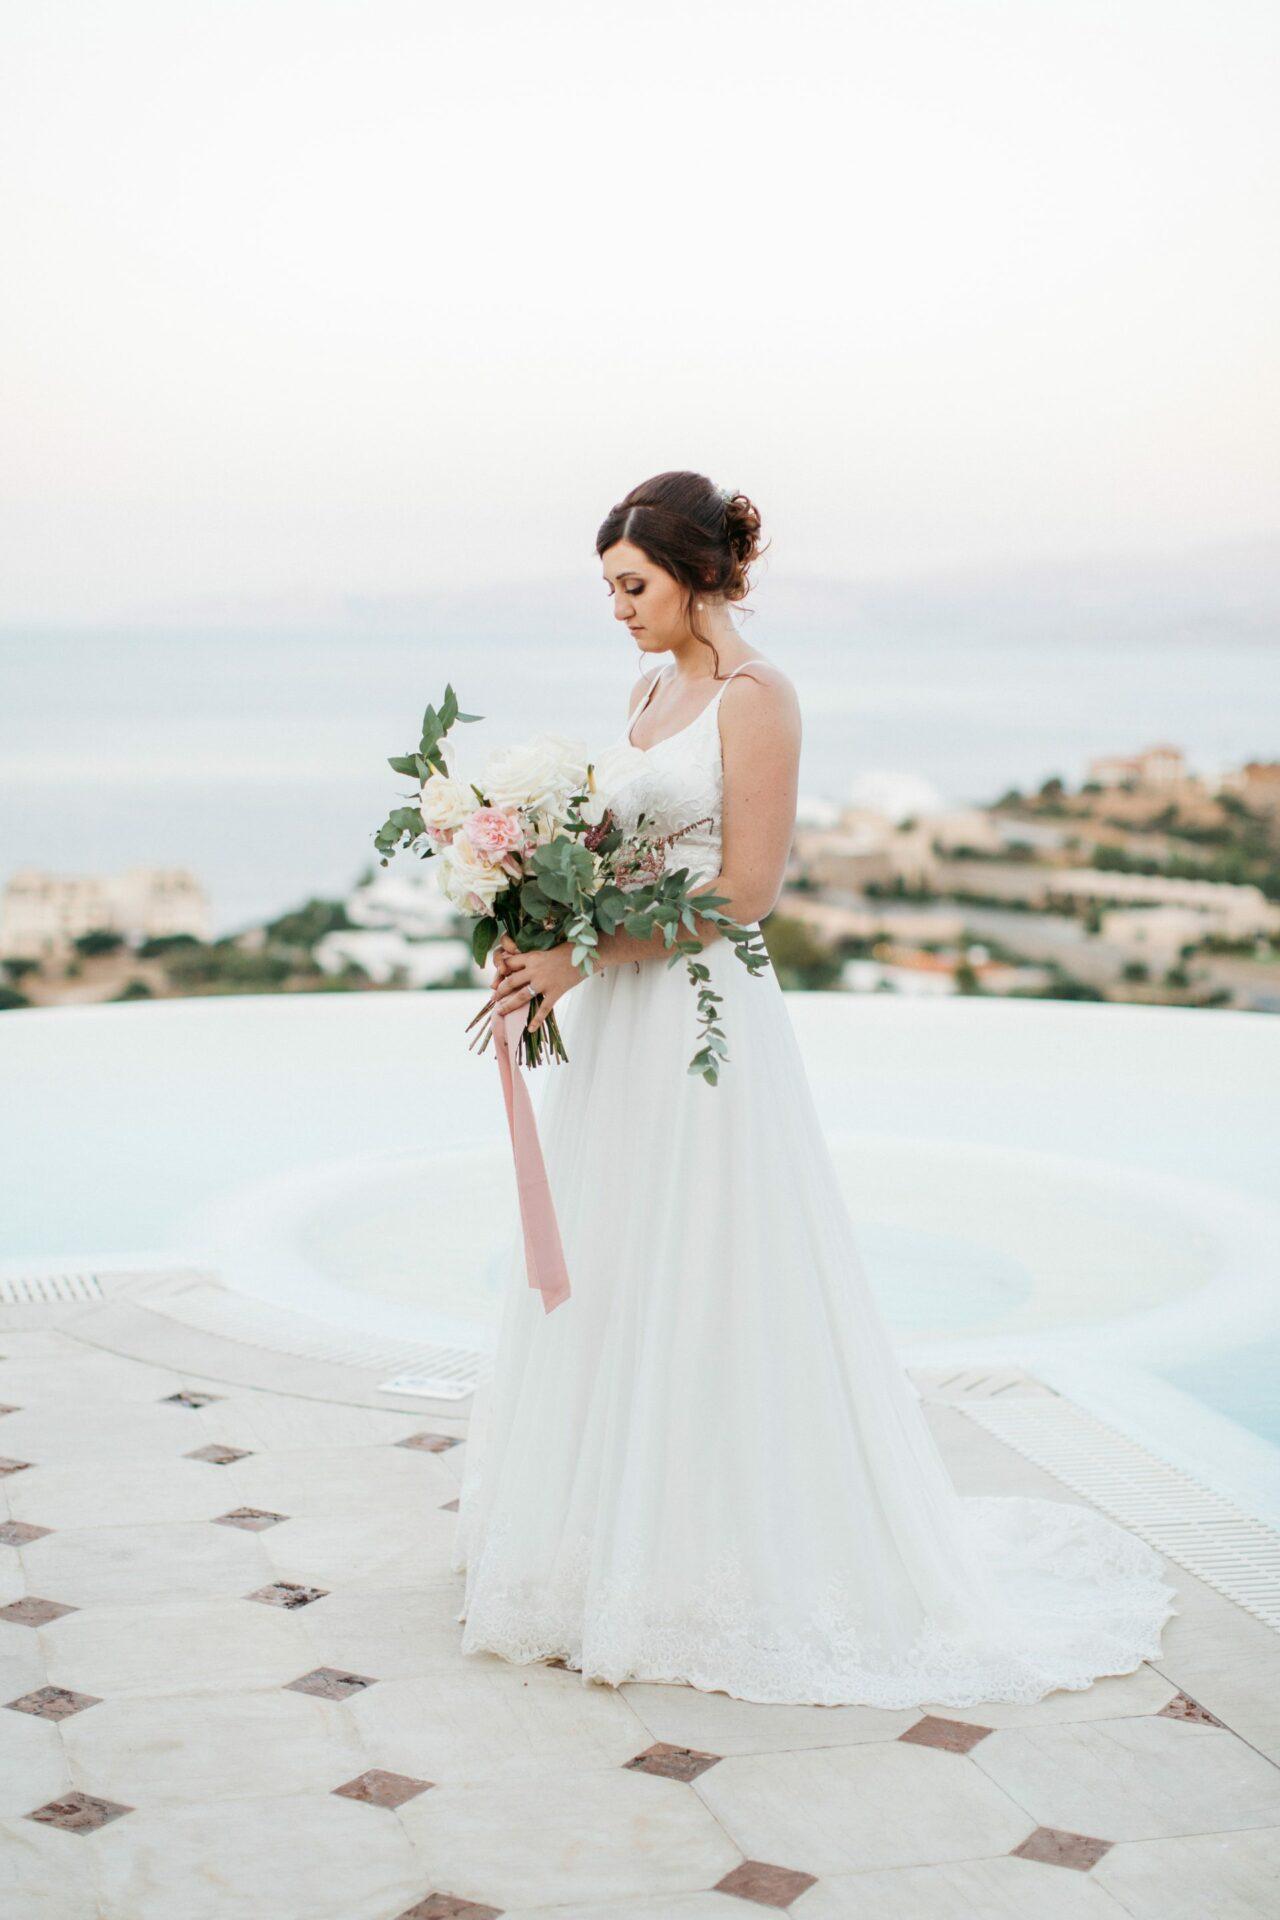 LF 0051 - Qui suis-je ? - Wedding planner - Organisation de Mariage en France, au Luxembourg, en italie, en provence, à la montagne